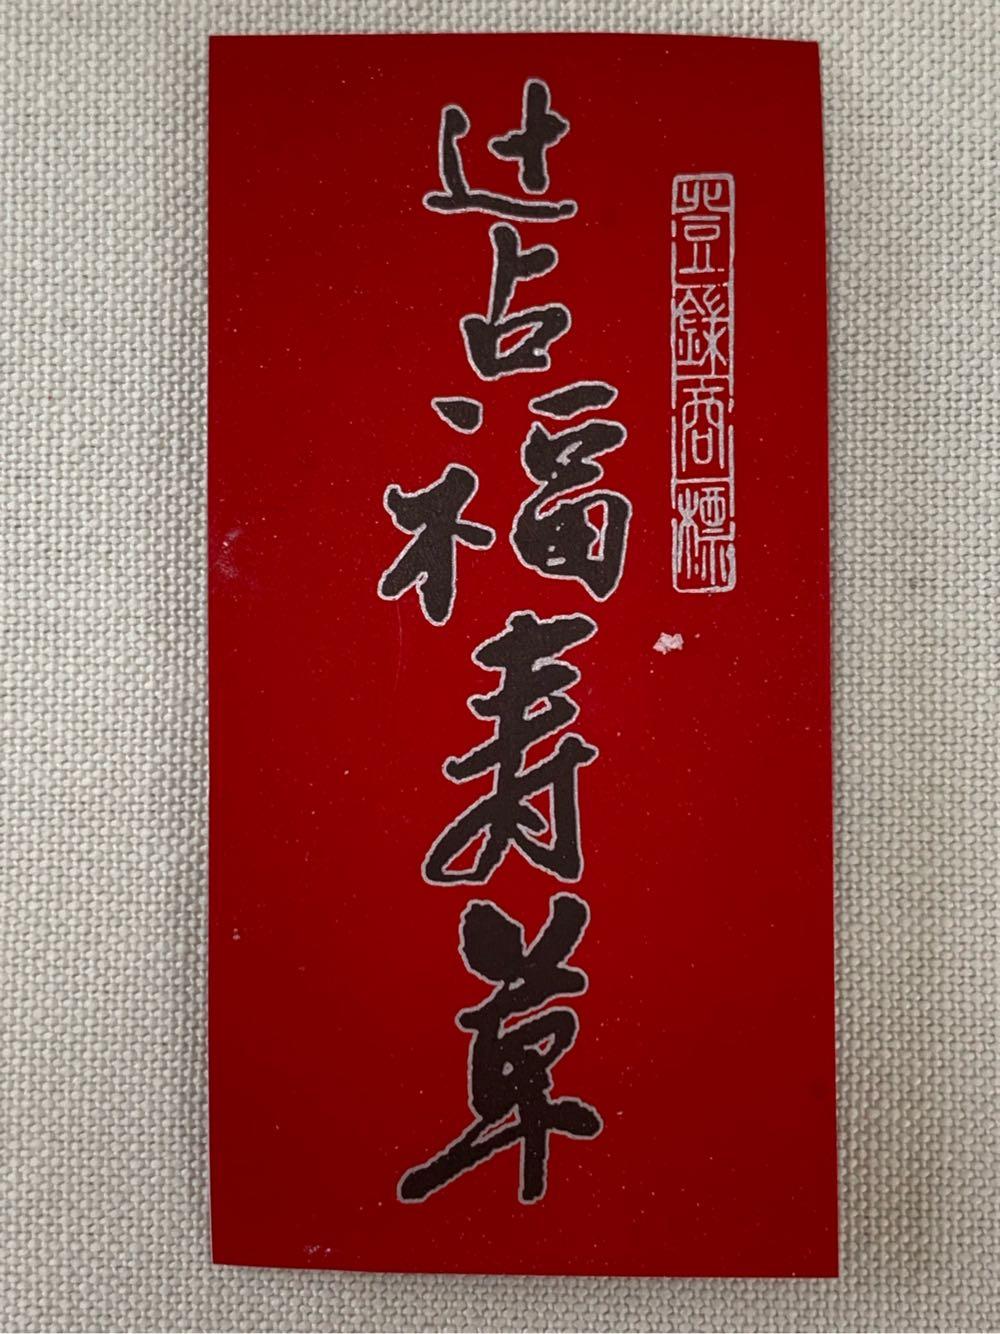 【日々のこと】恋ひたる辻占せんべい♪:金沢の正月のお菓子です